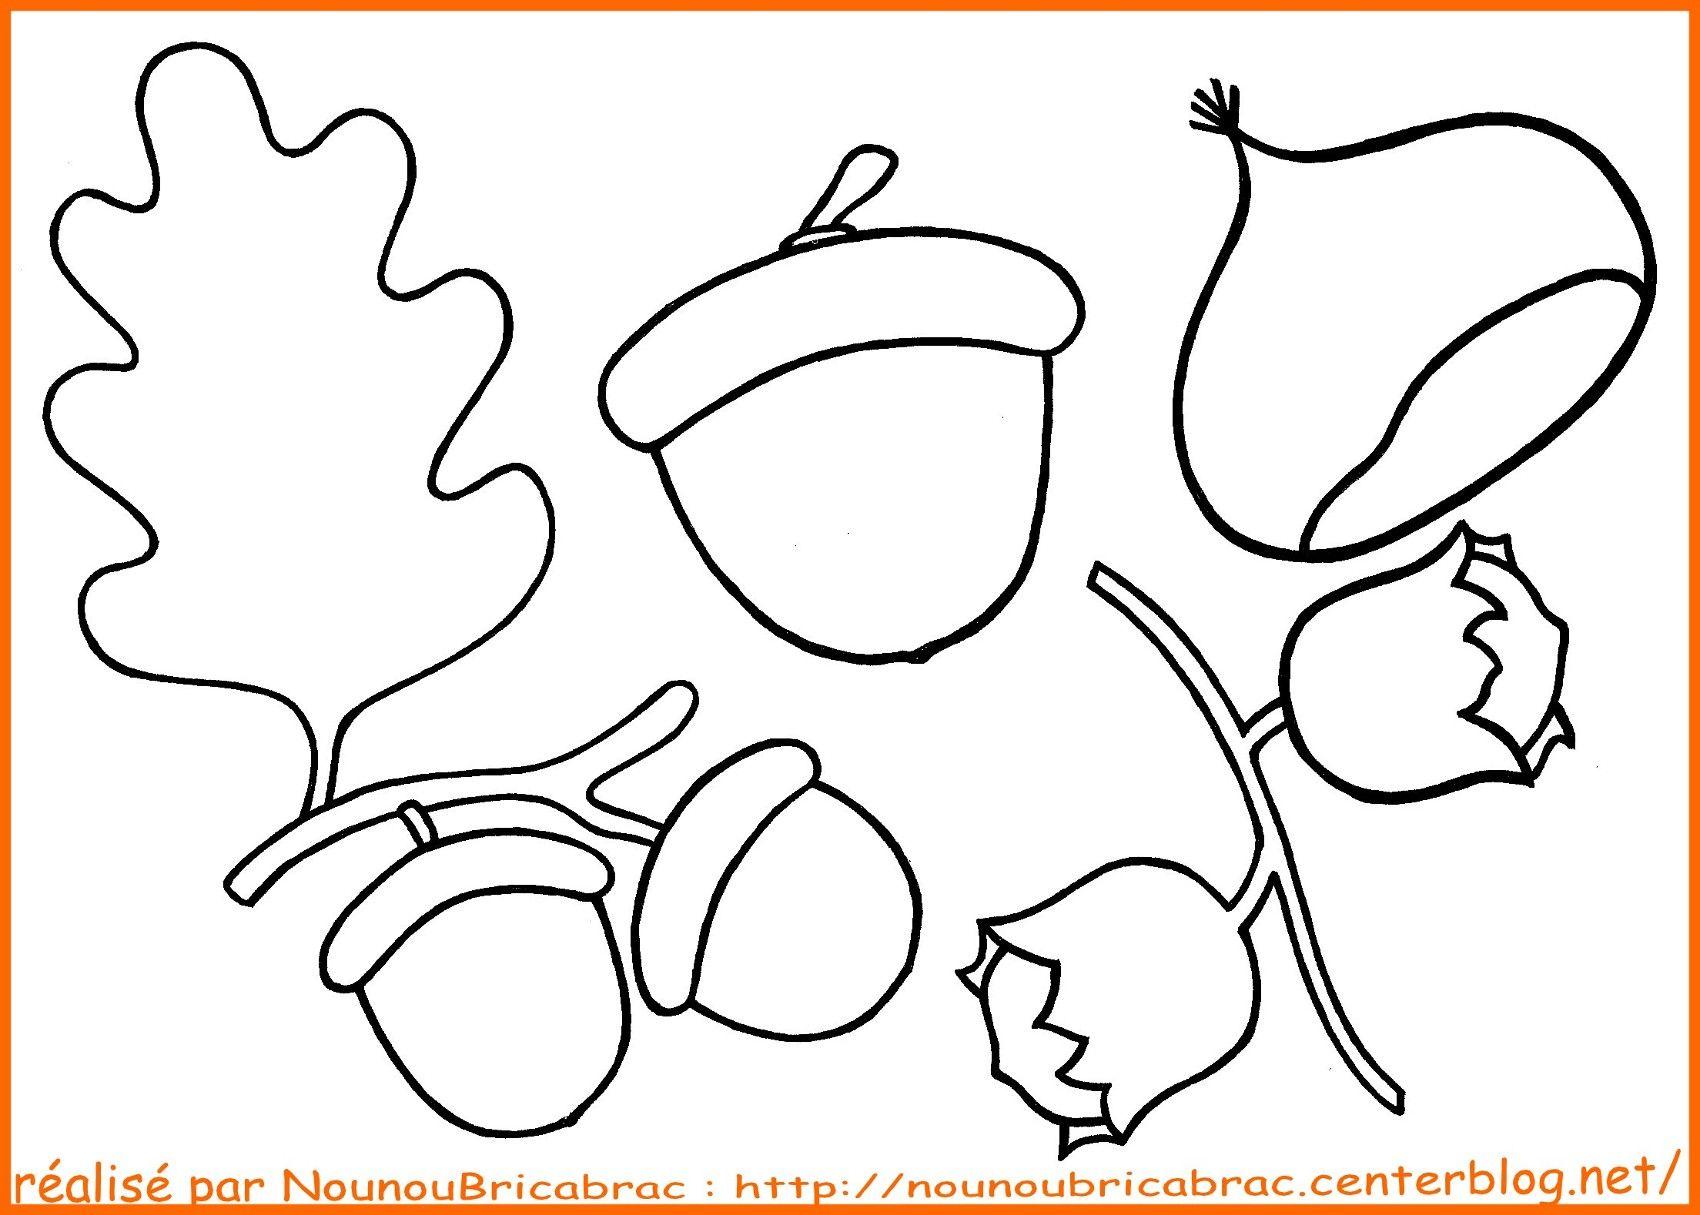 Coloriage Marron Fruit.Glands Chataigne Et Noisettes A Colorier Coloriage